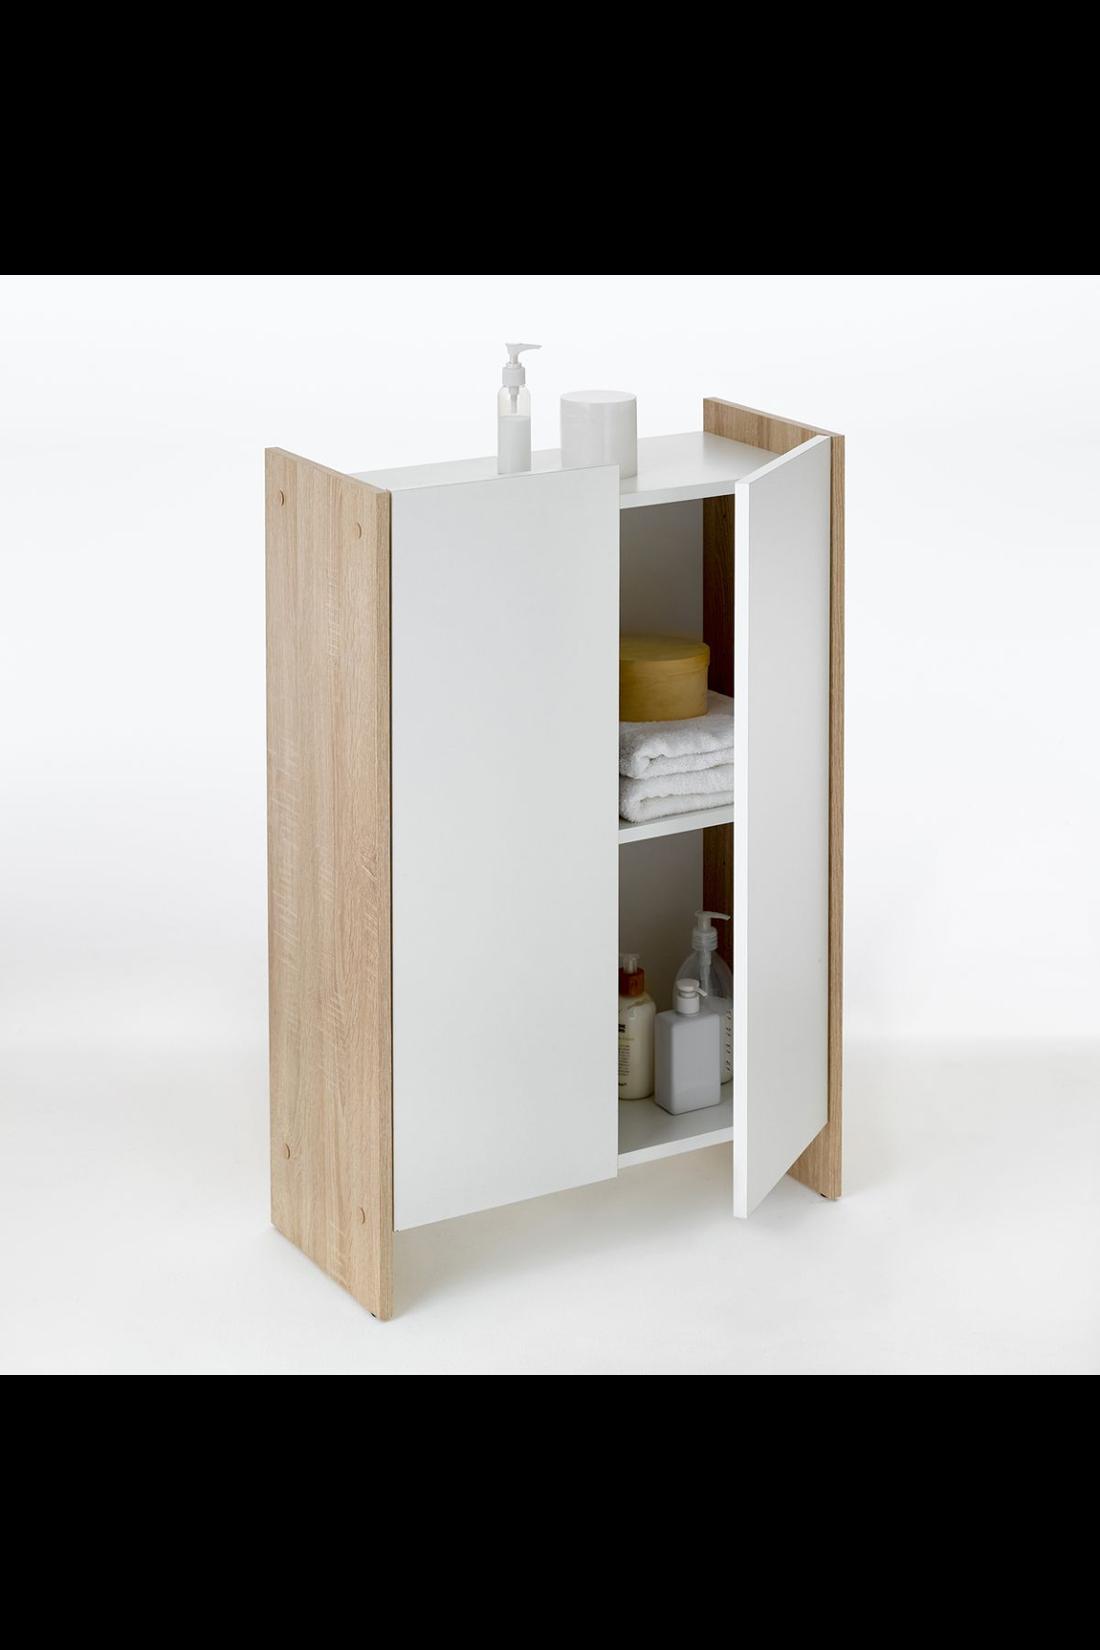 Meuble de salle de bain 2 portes mobler home - Bouton de porte meuble salle de bain ...